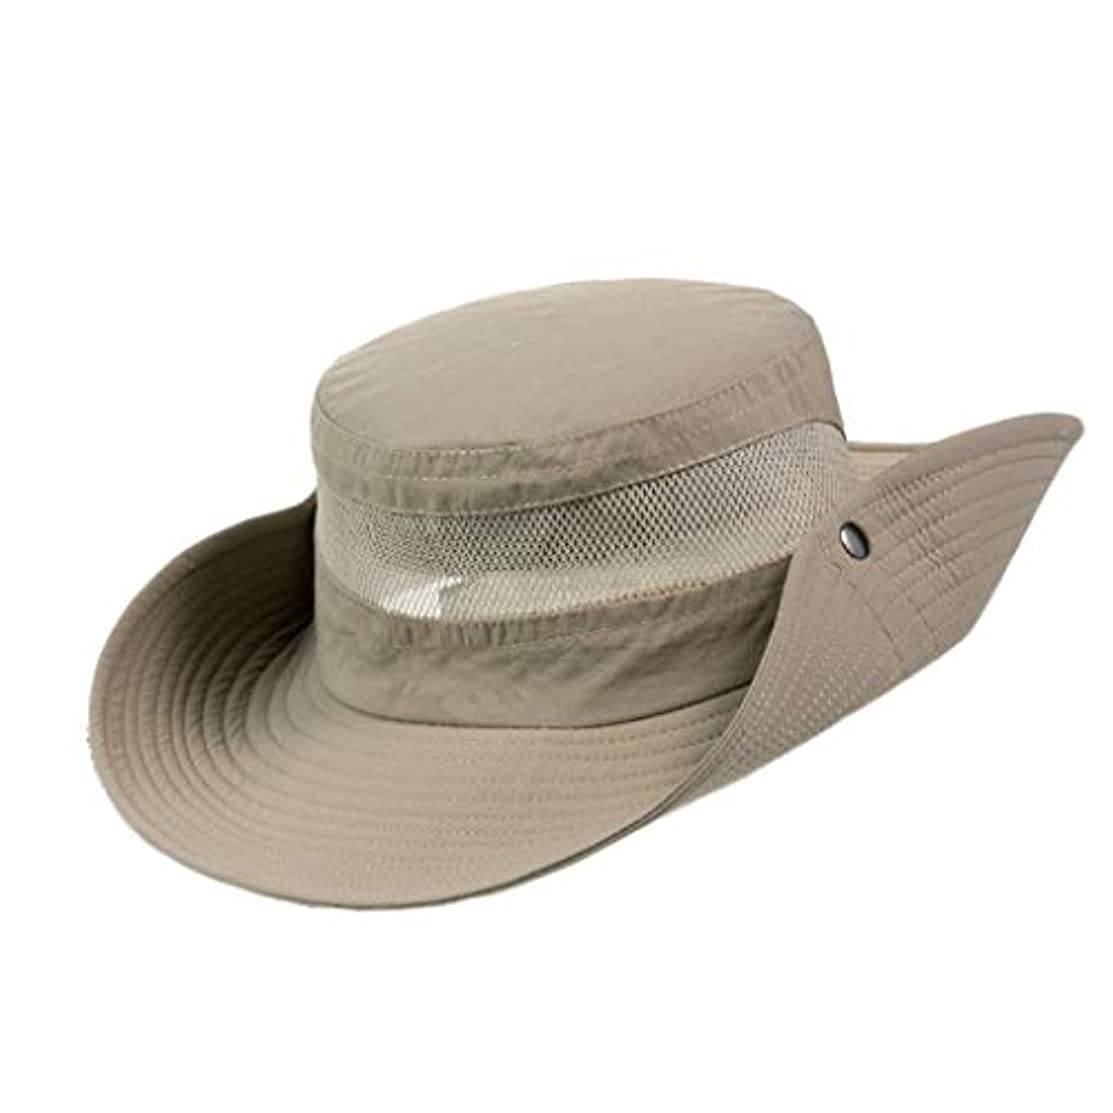 こだわり服を洗ううっかり日よけ帽 日曜日帽子屋外釣り帽子夏の紫外線保護漁師帽子日焼け止めバイザー登山帽子折りたたみ式 ZHAOSHUNLI